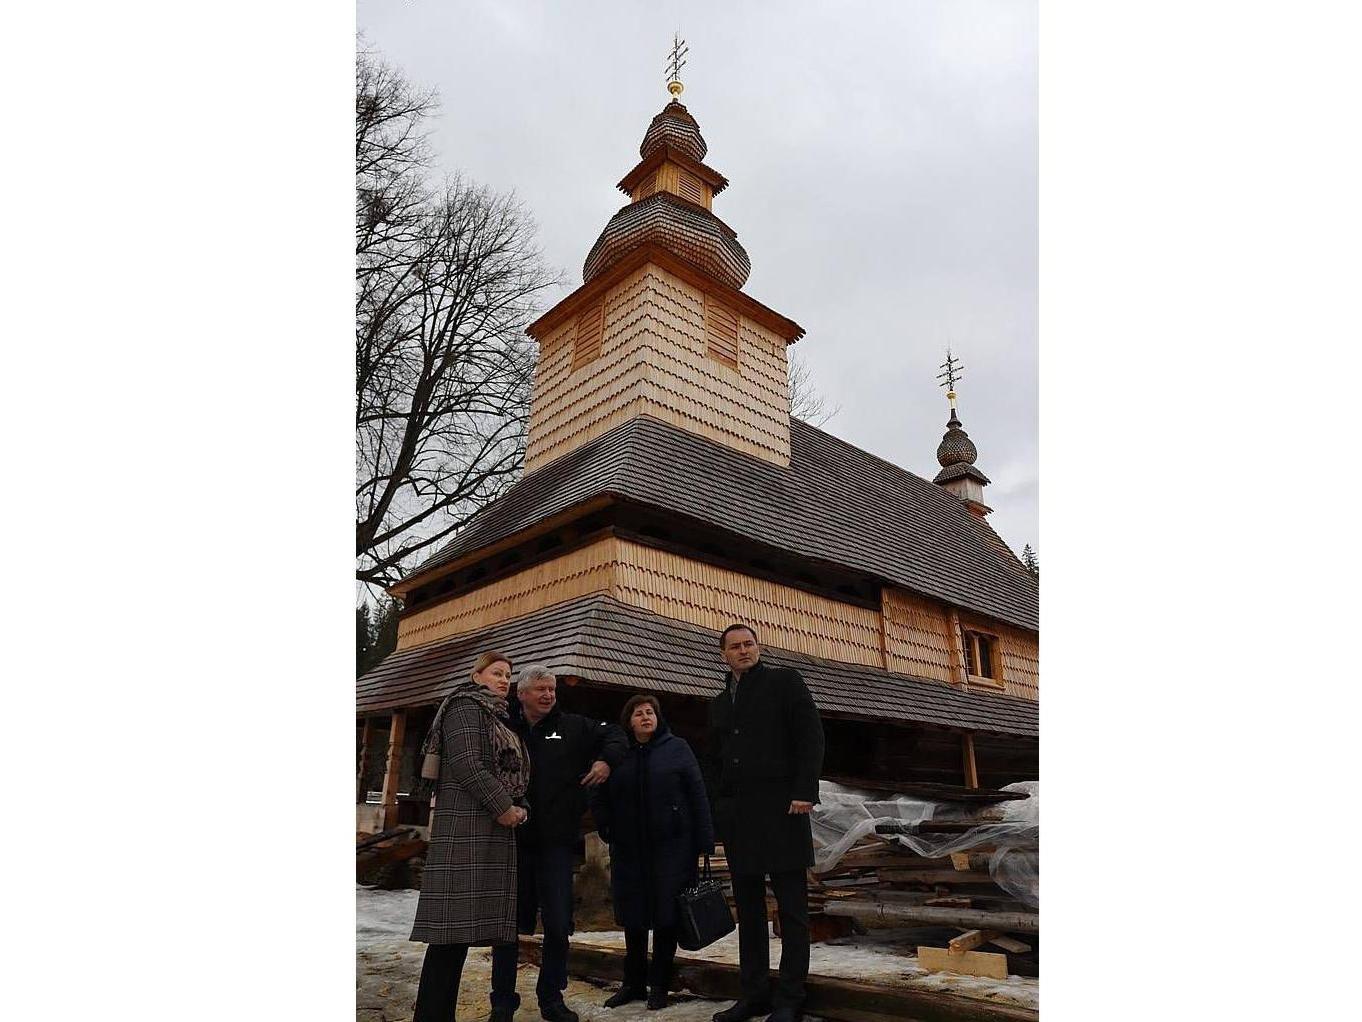 Відновлюють унікальну пам'ятку сакральної архітектури Закарпаття